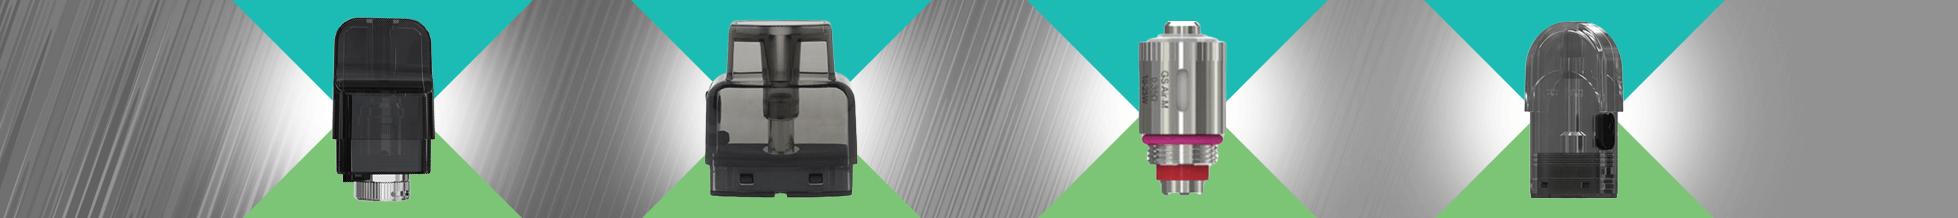 eleaf-category-banner.png